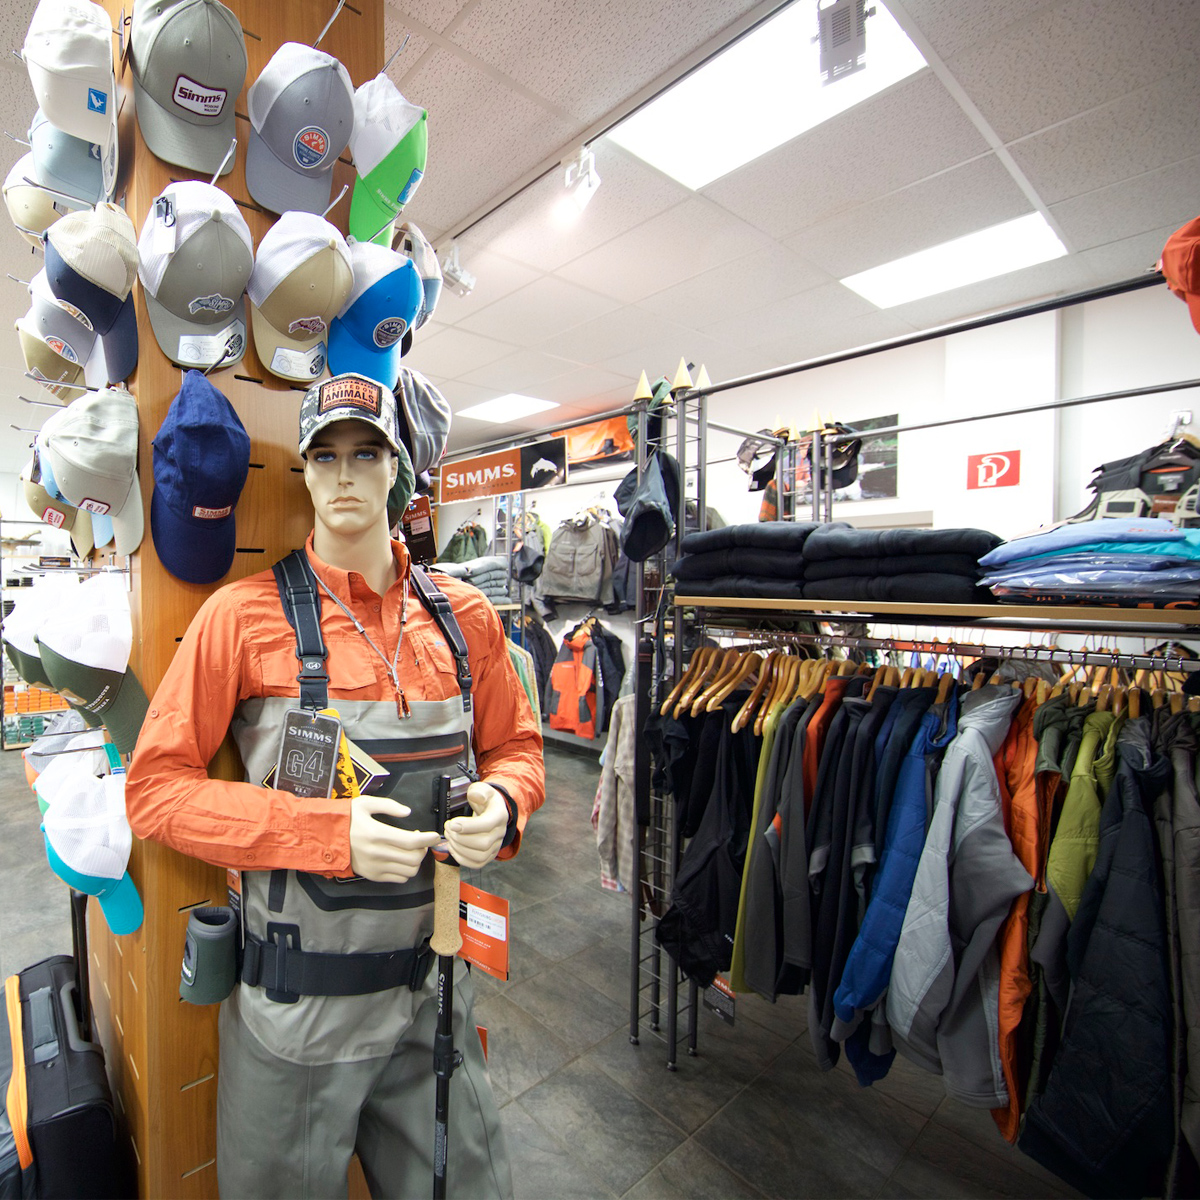 Watbekleidung im Shop